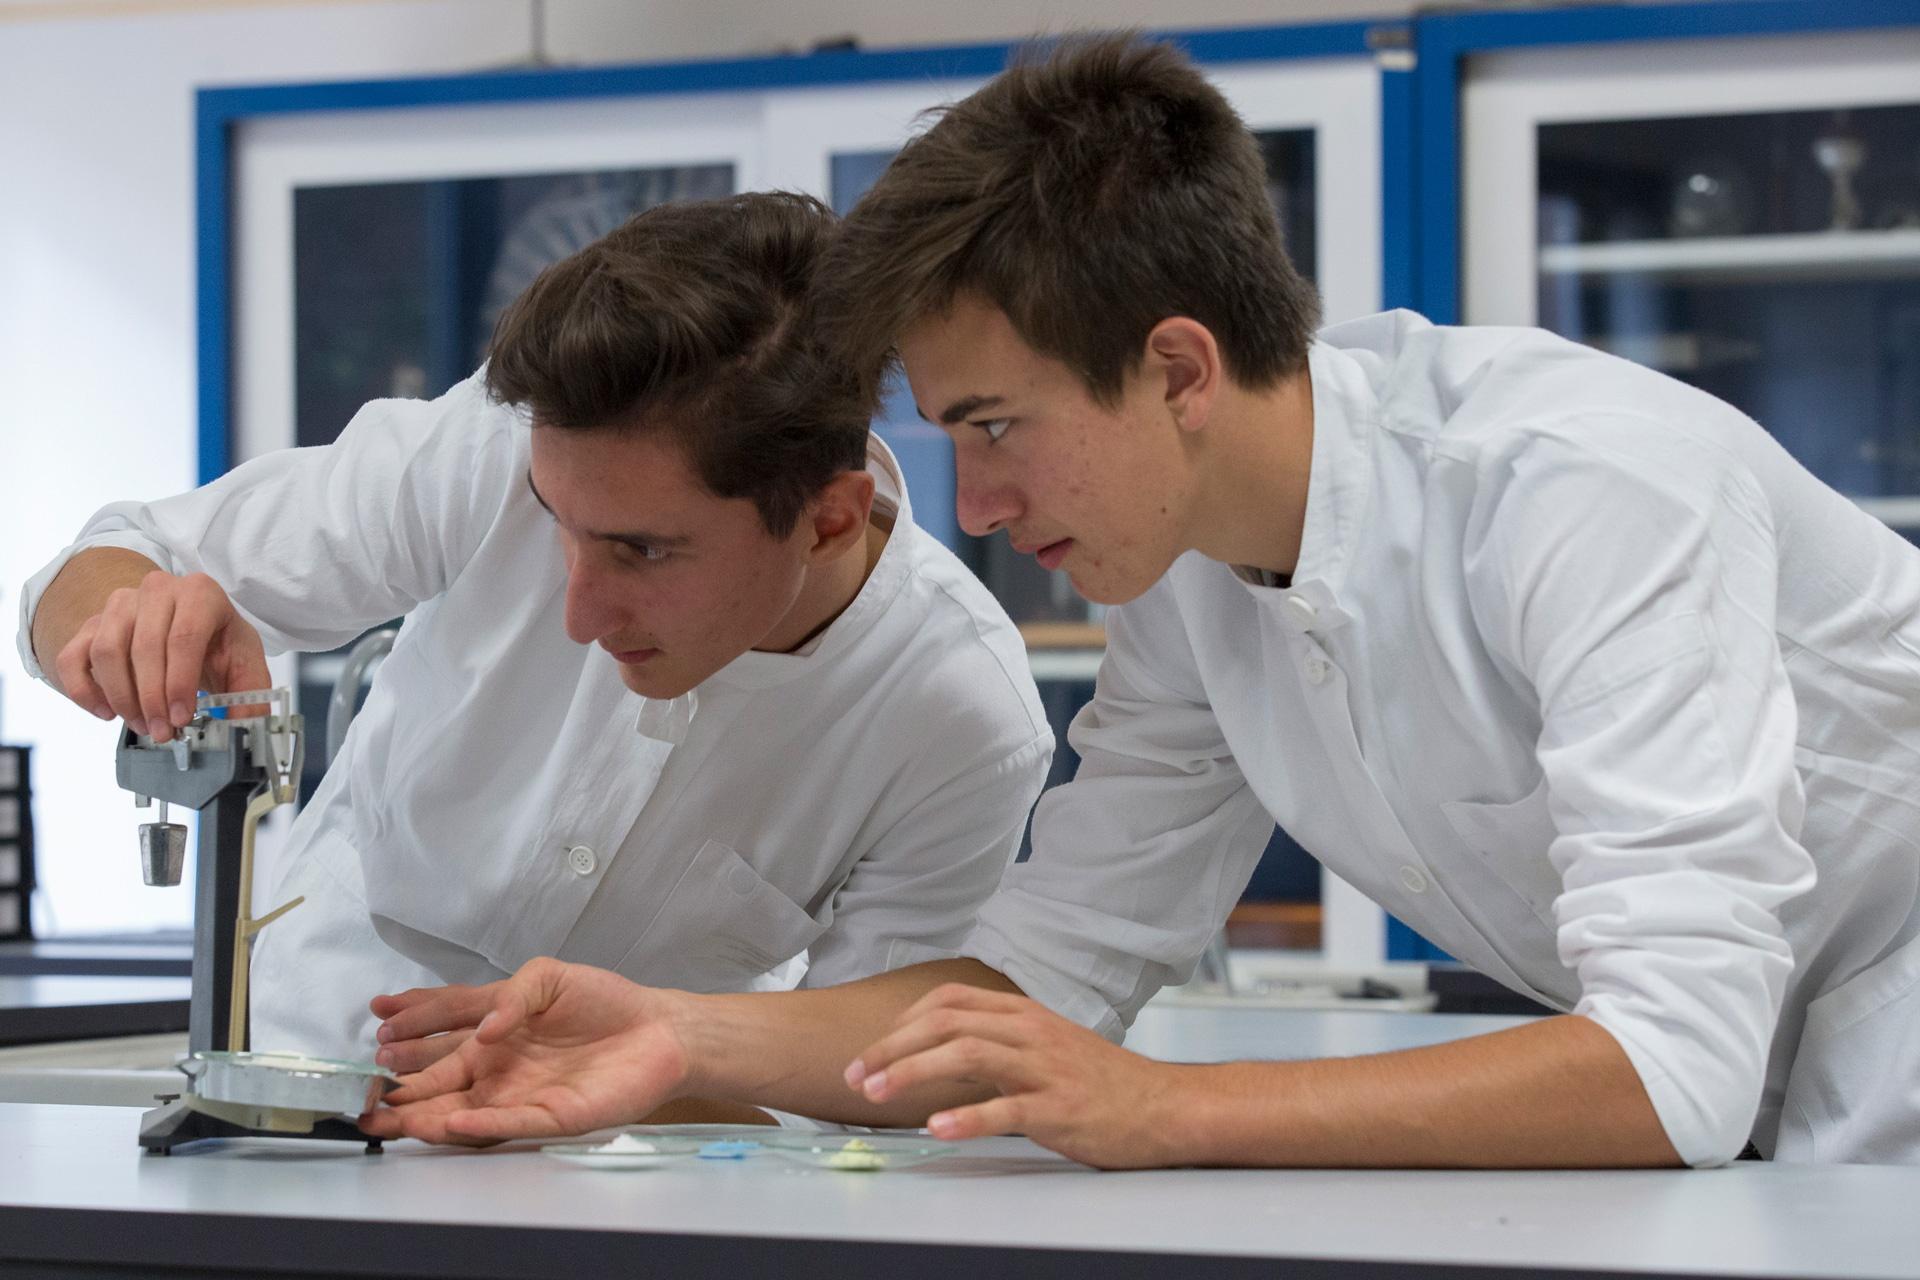 liceo scientifico - San Bernardino - Chiari - Scuola Paritaria